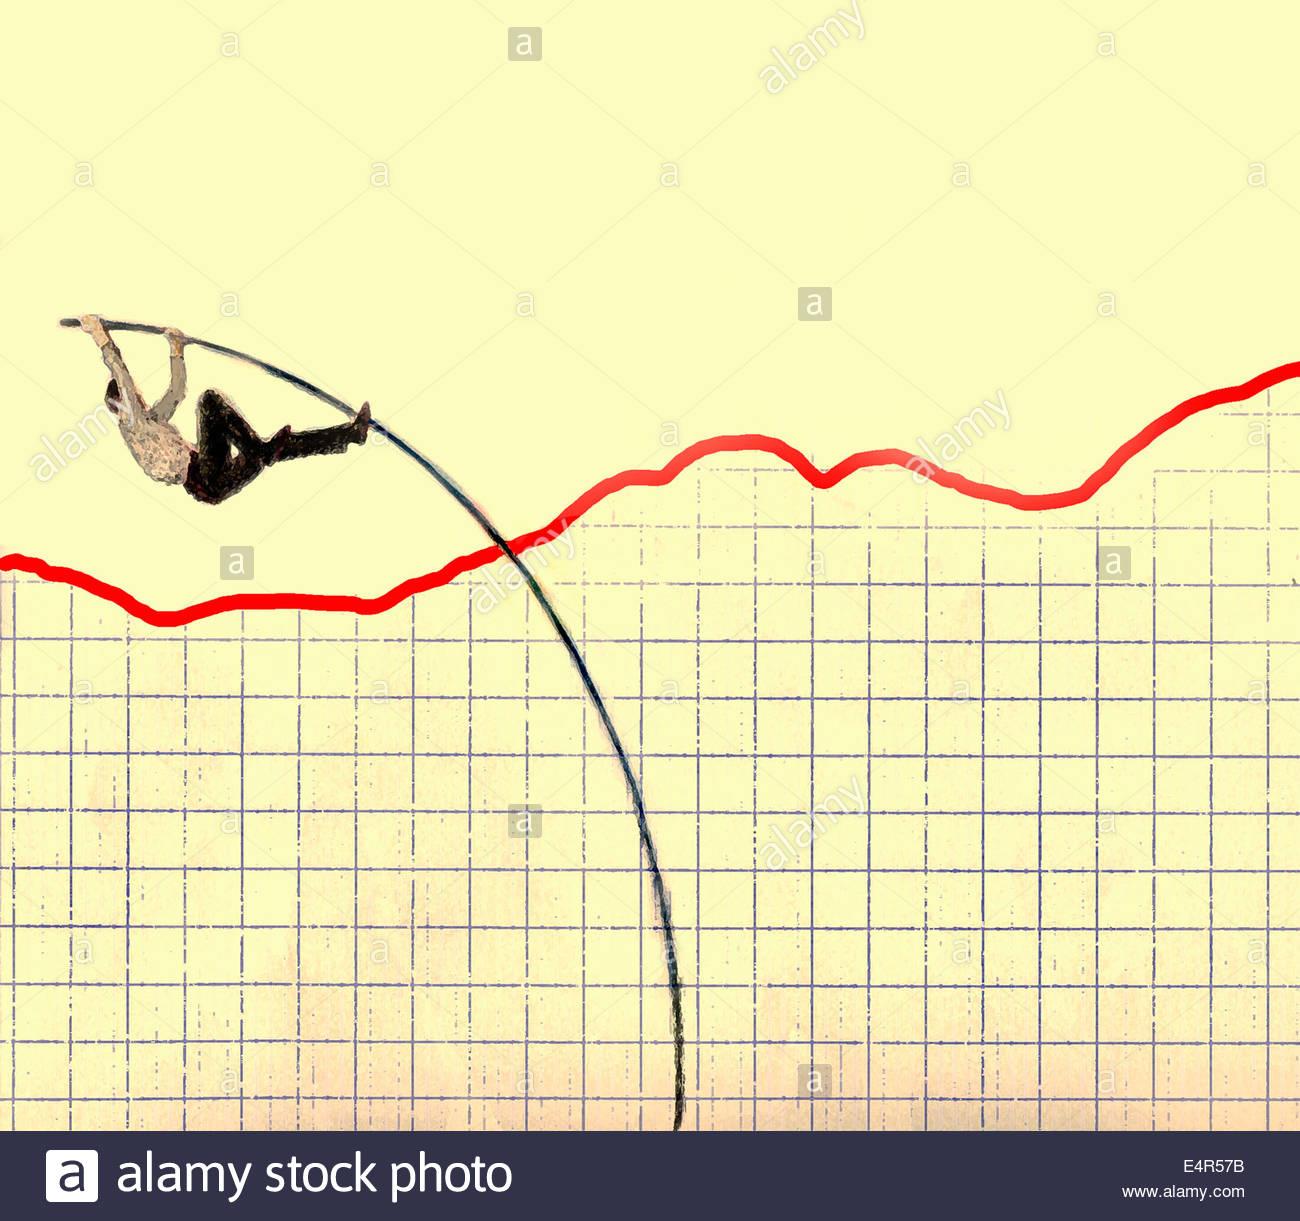 Imprenditore pole vaulting sulla linea rossa del grafico Immagini Stock